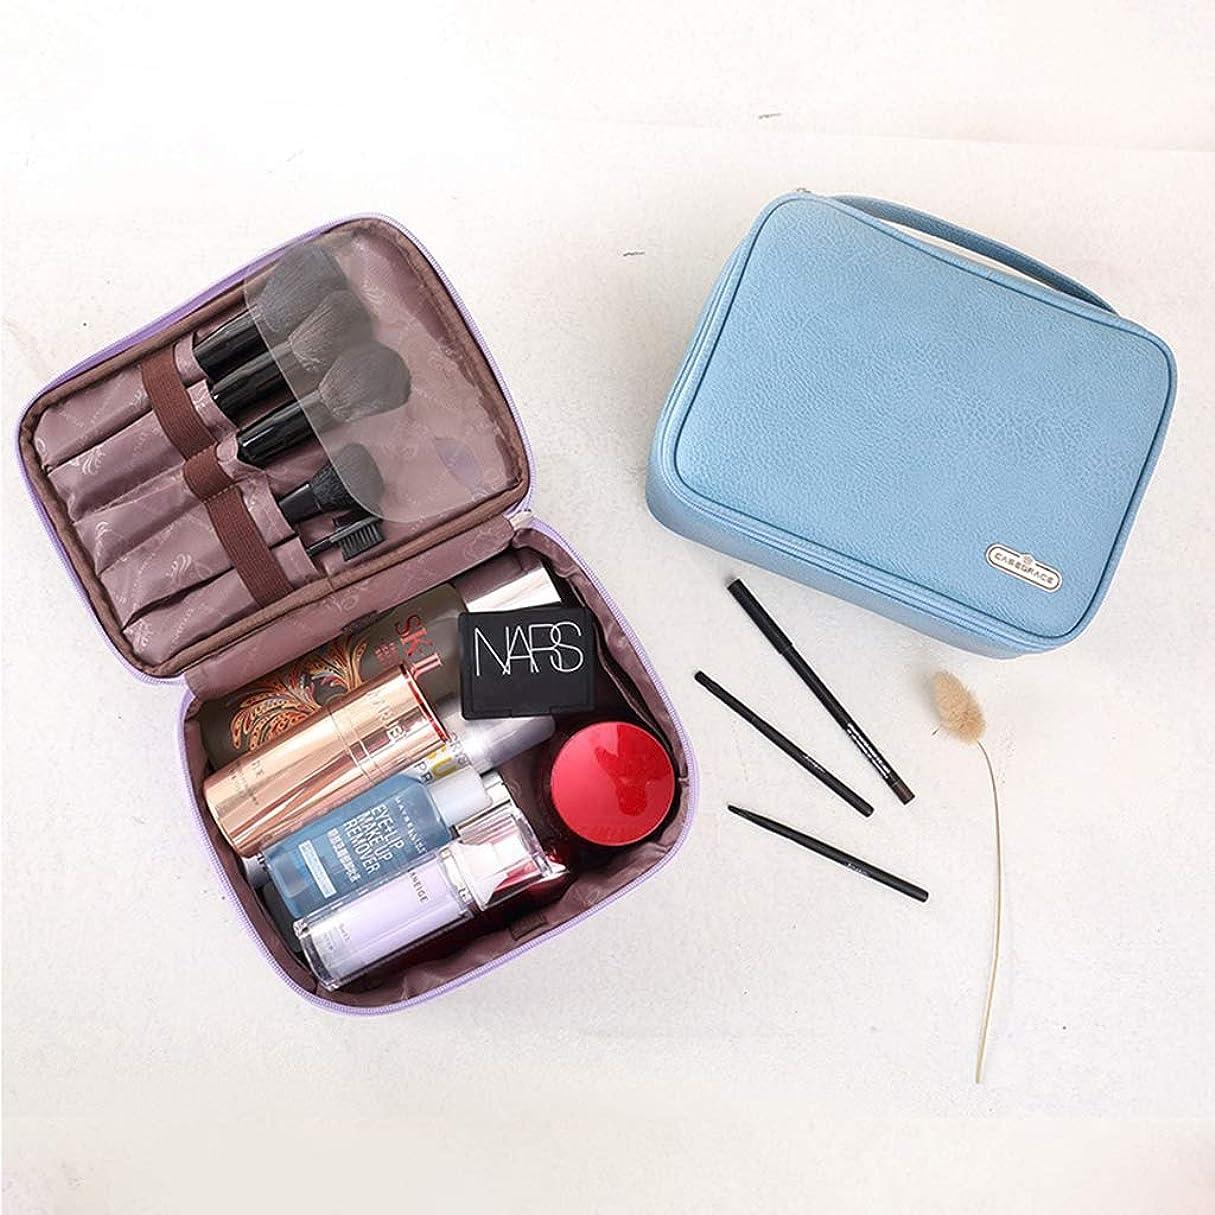 権限を与える巡礼者アクセスできないレザーコスメティックバッグ、ジュエリー/化粧品収納ボックストラベルボックストレイン化粧ポーチポータブルレザージュエリーボックス防水化粧ポーチ,Blue